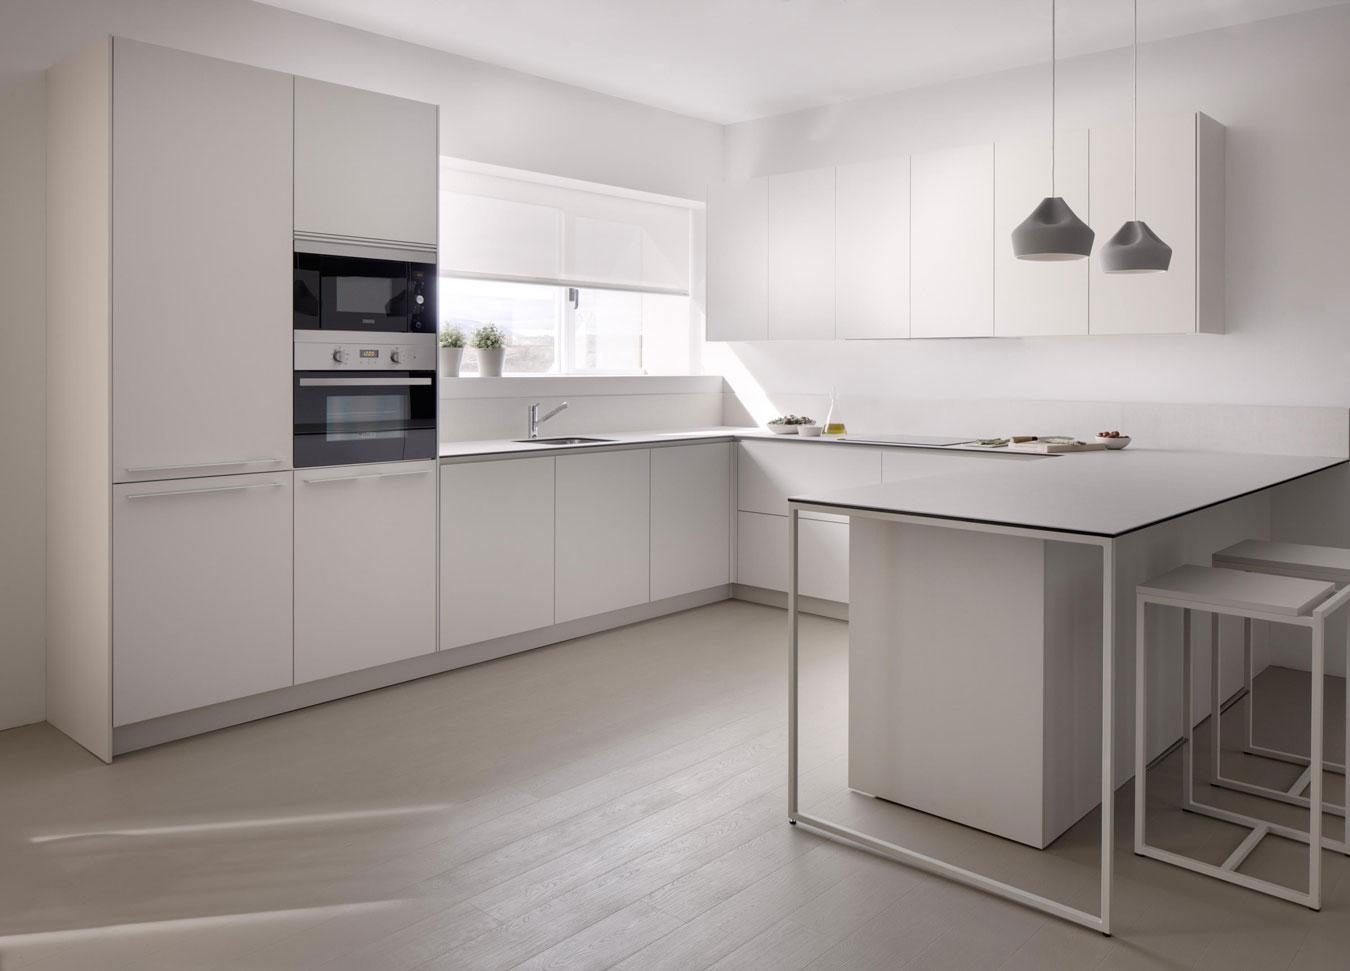 Cocina-serie45-porcelana-cocina-0050-b